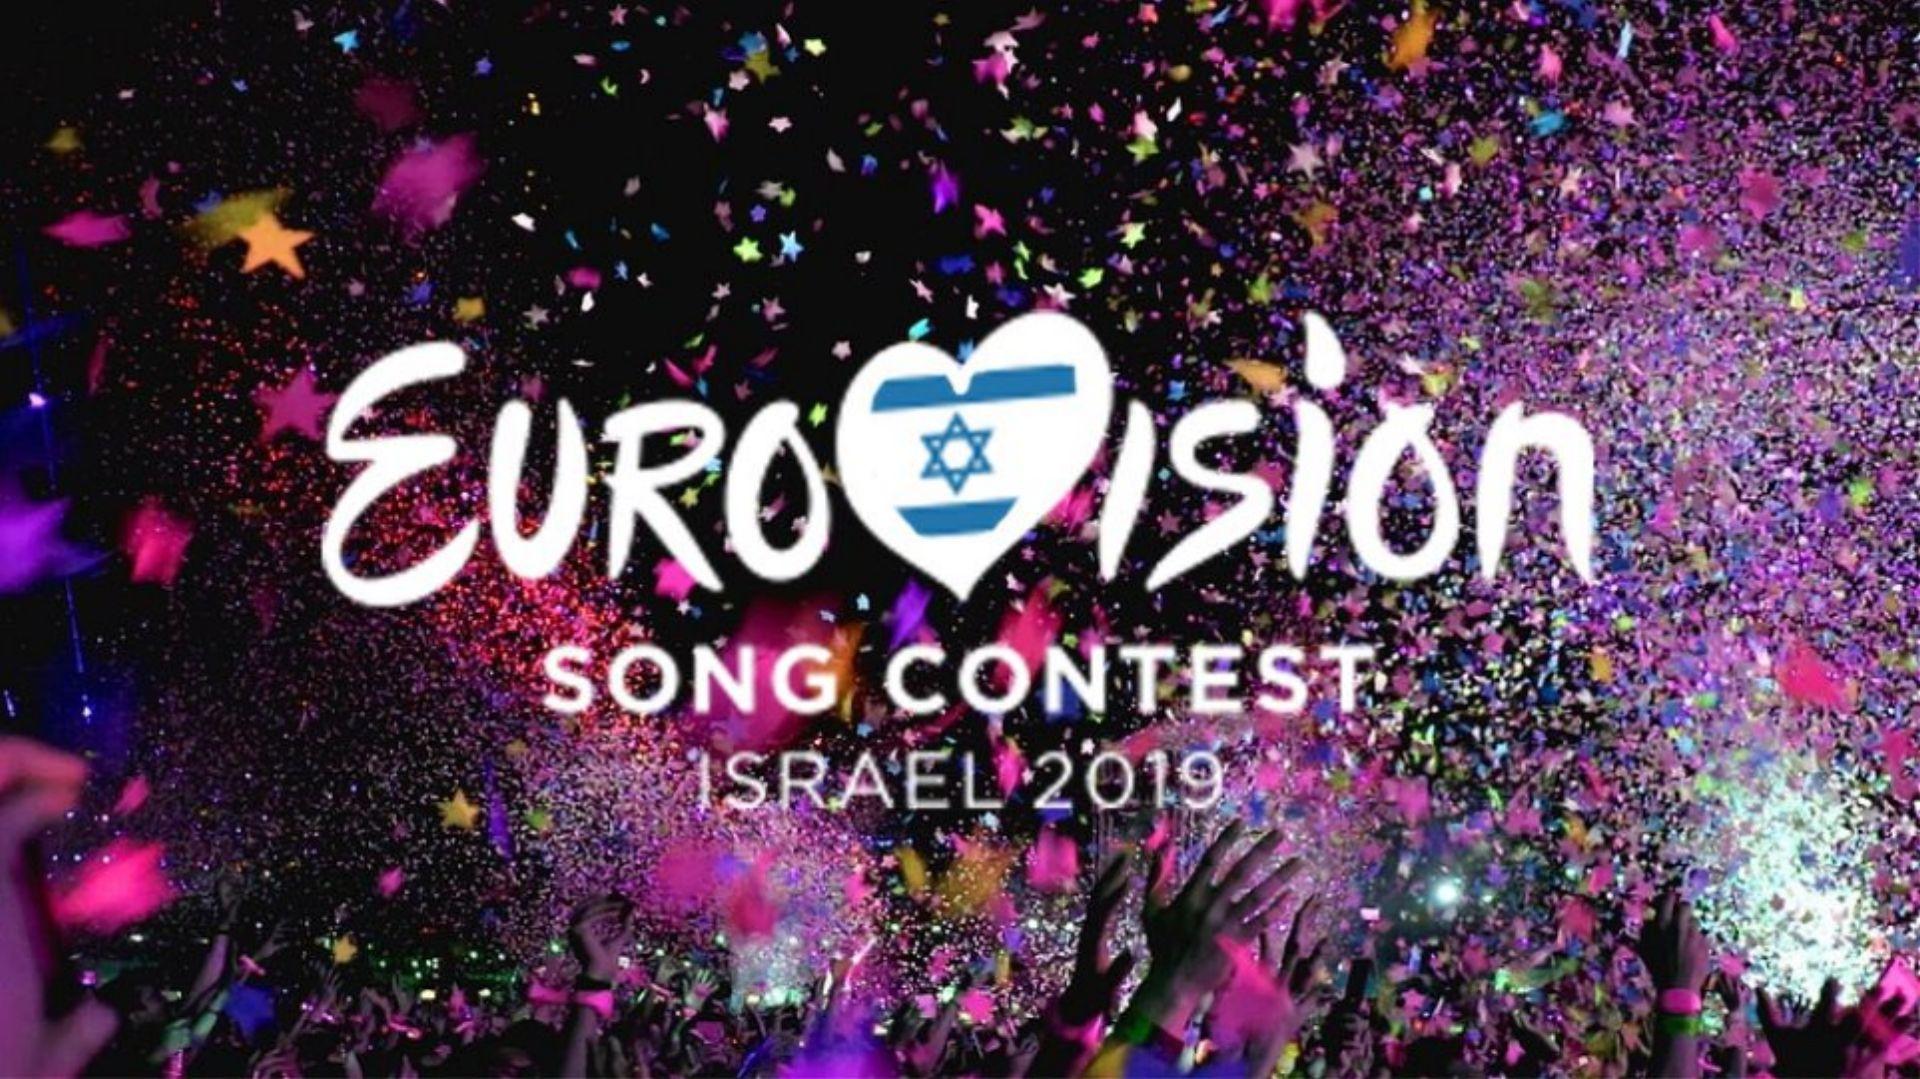 european song contest 2019